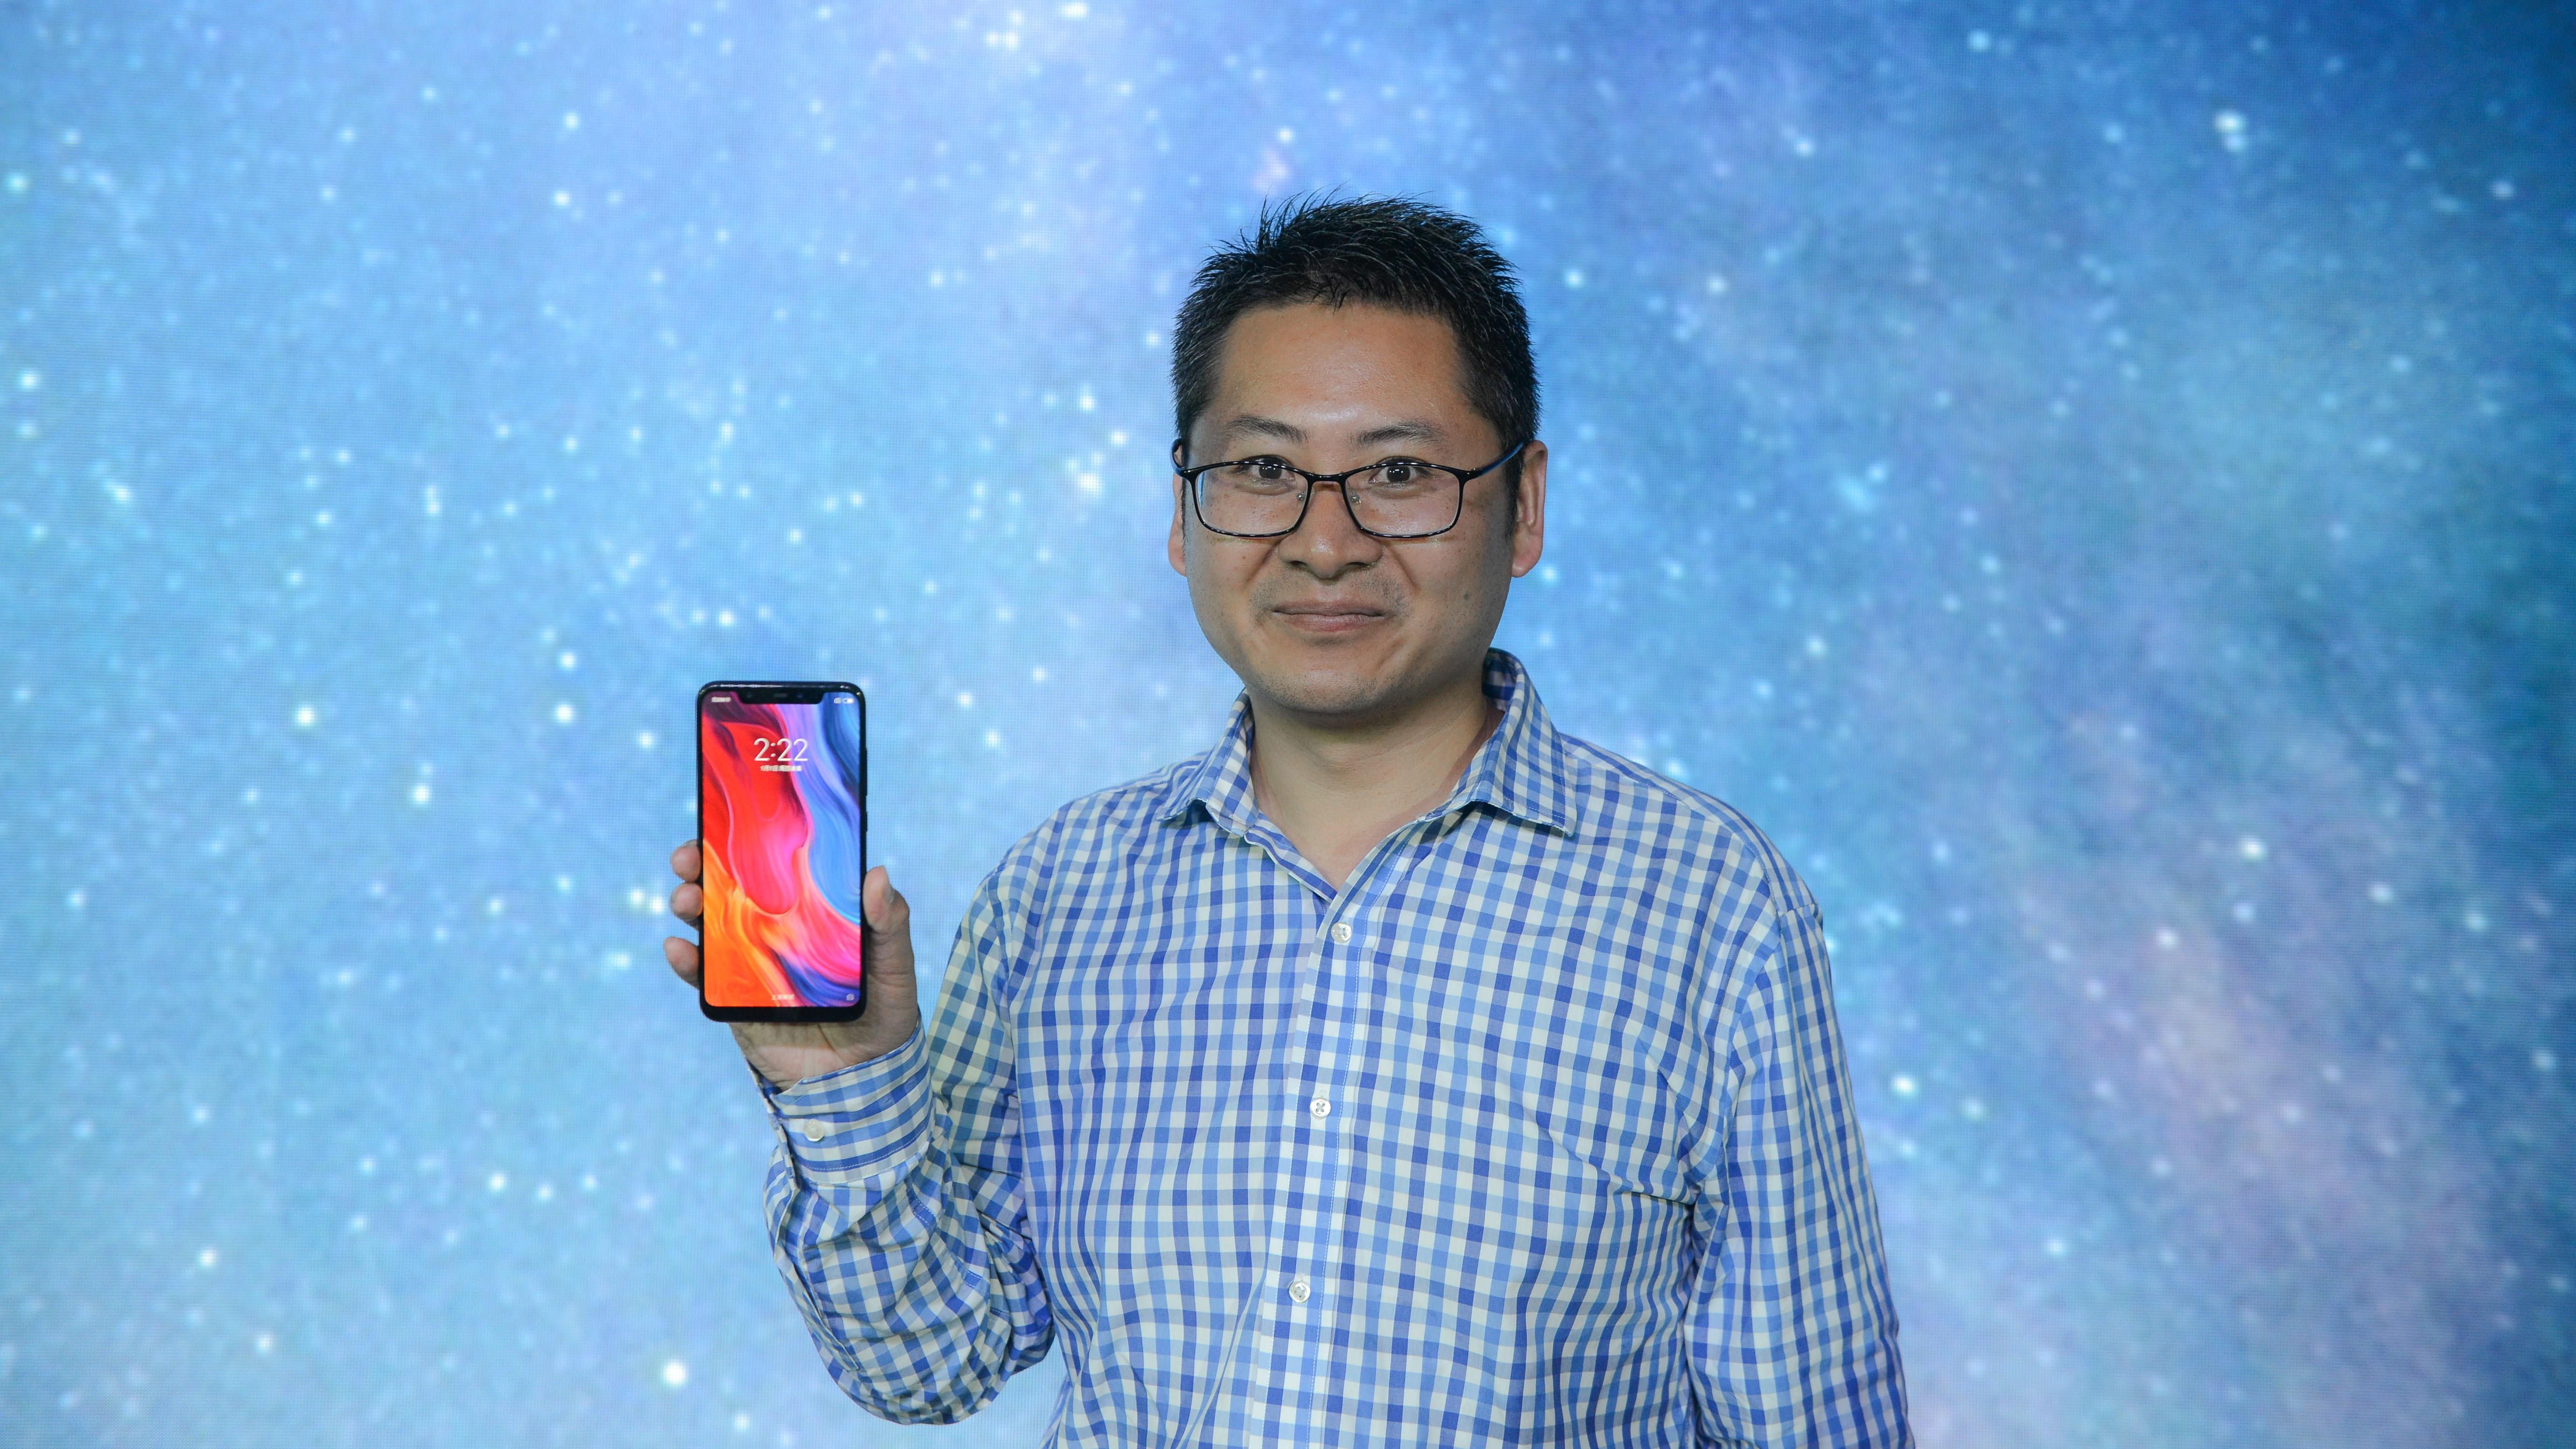 Интервью с Томми Лиу: машина от Xiaomi, суббренды в России и маржа в 5%